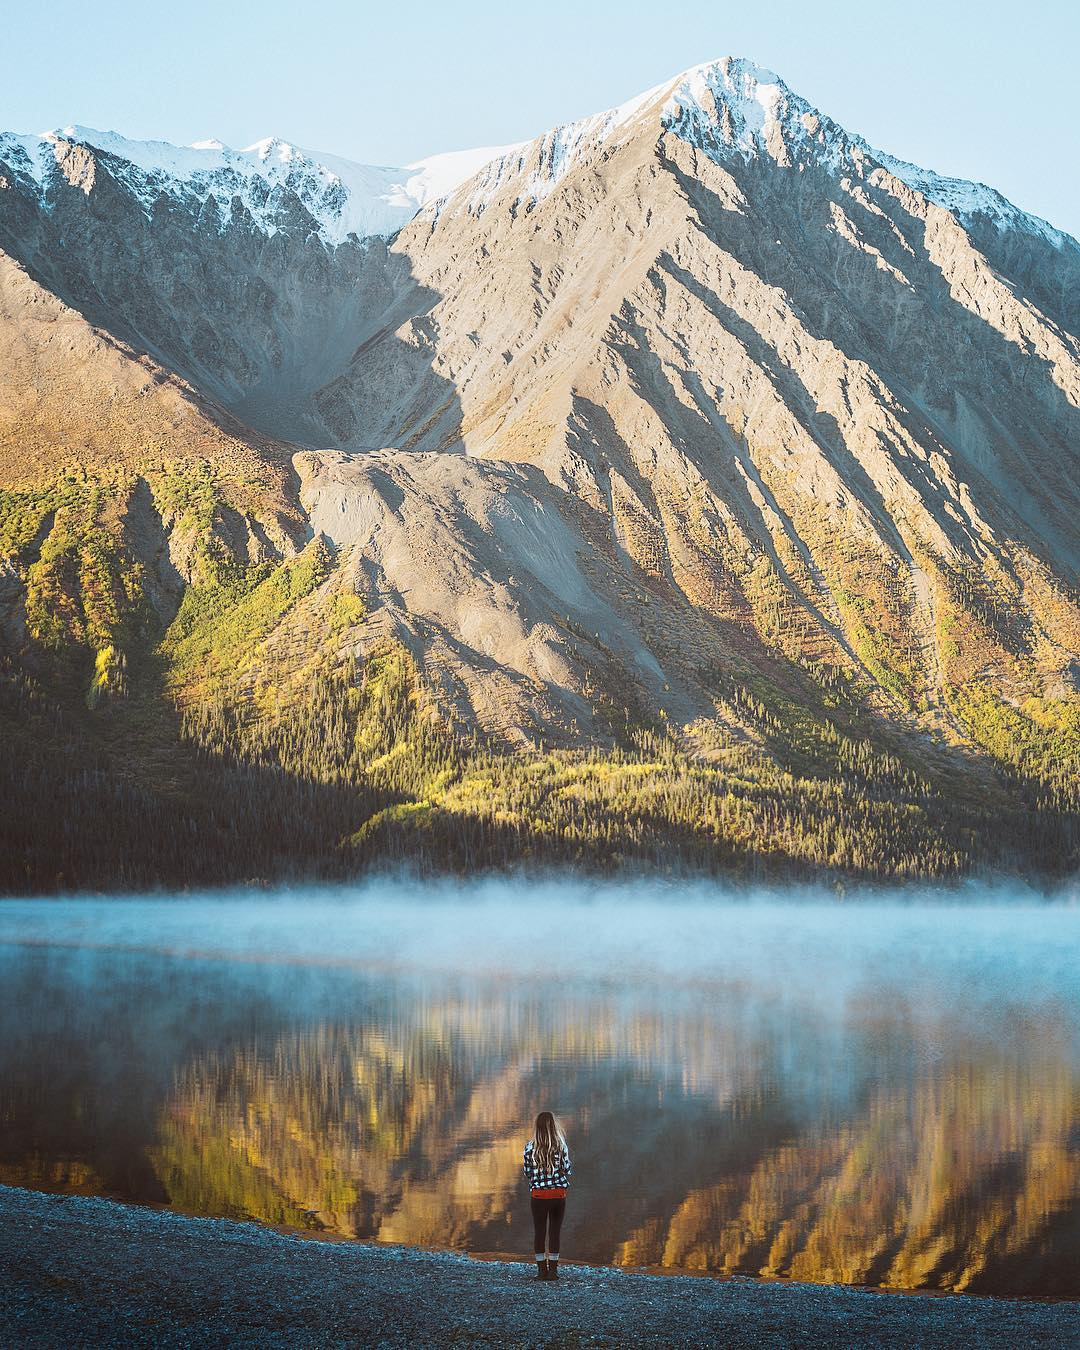 Пейзажи и приключения на снимках Брэйдина Тота